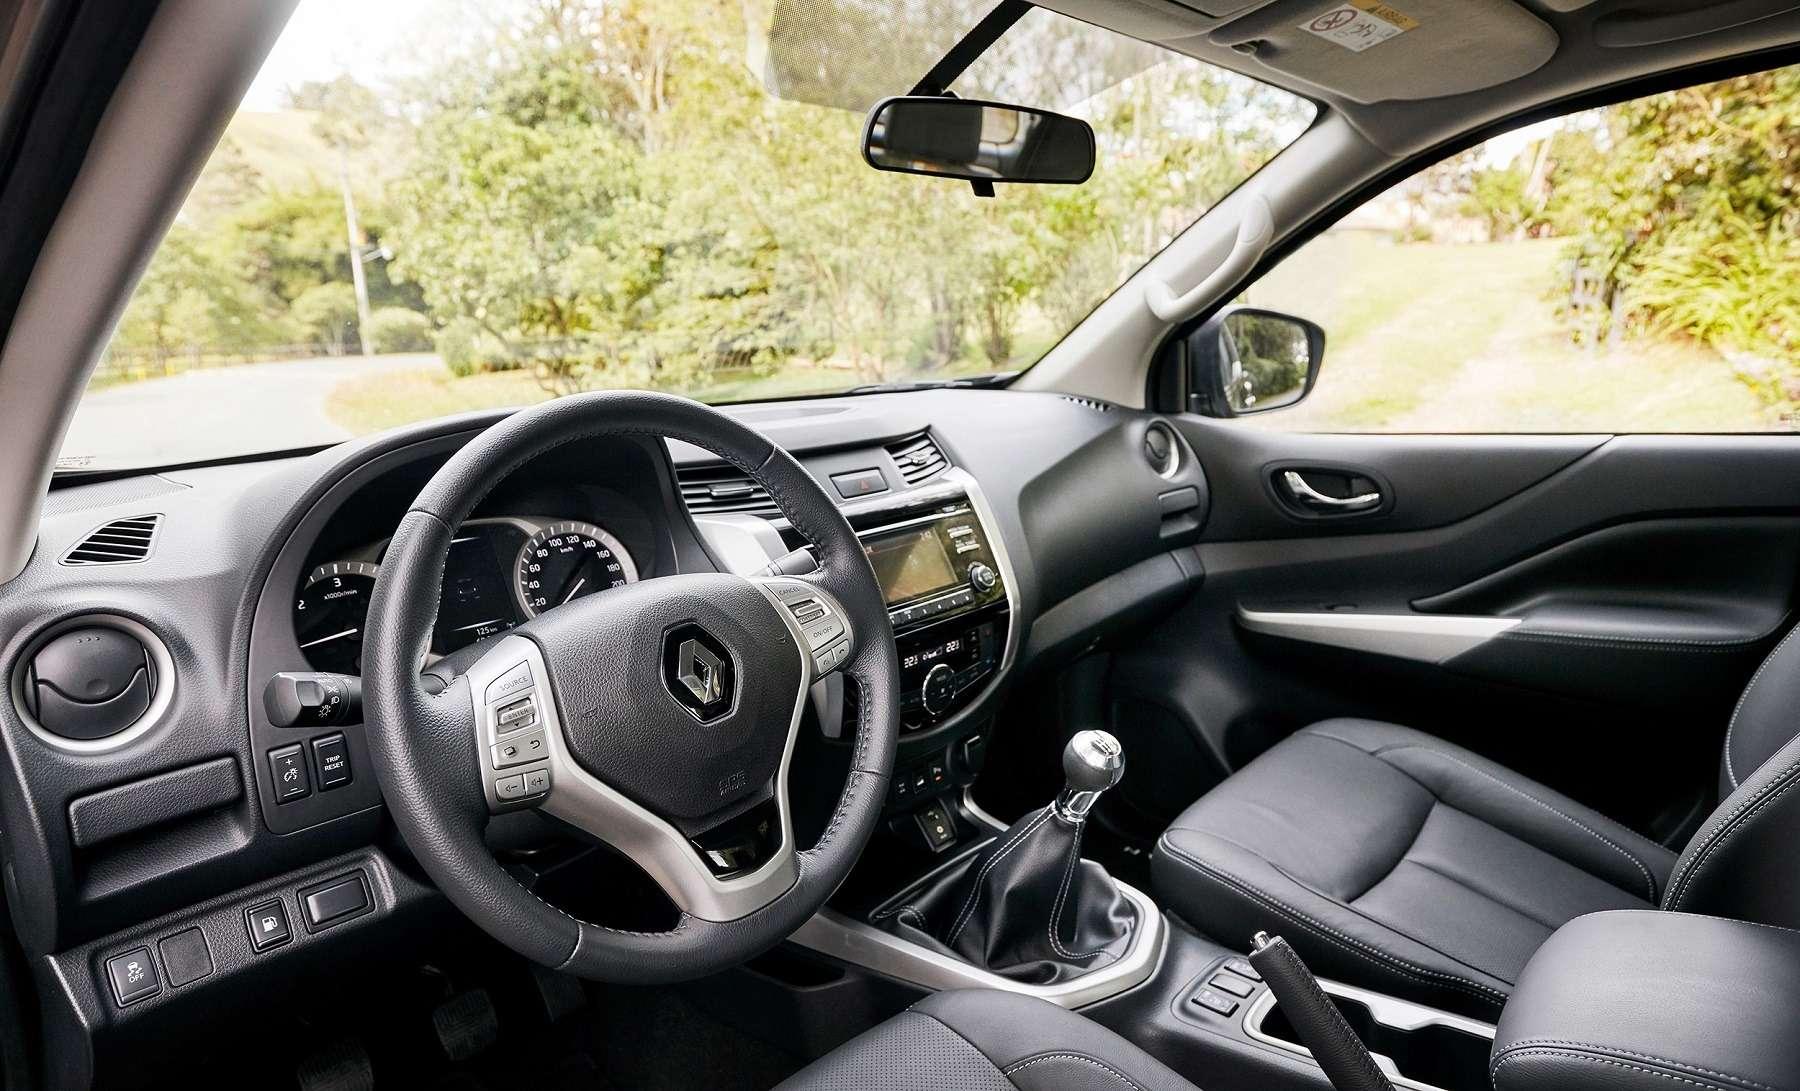 Ниссан поимени Renault: представлен пикап Alaskan— фото 603826